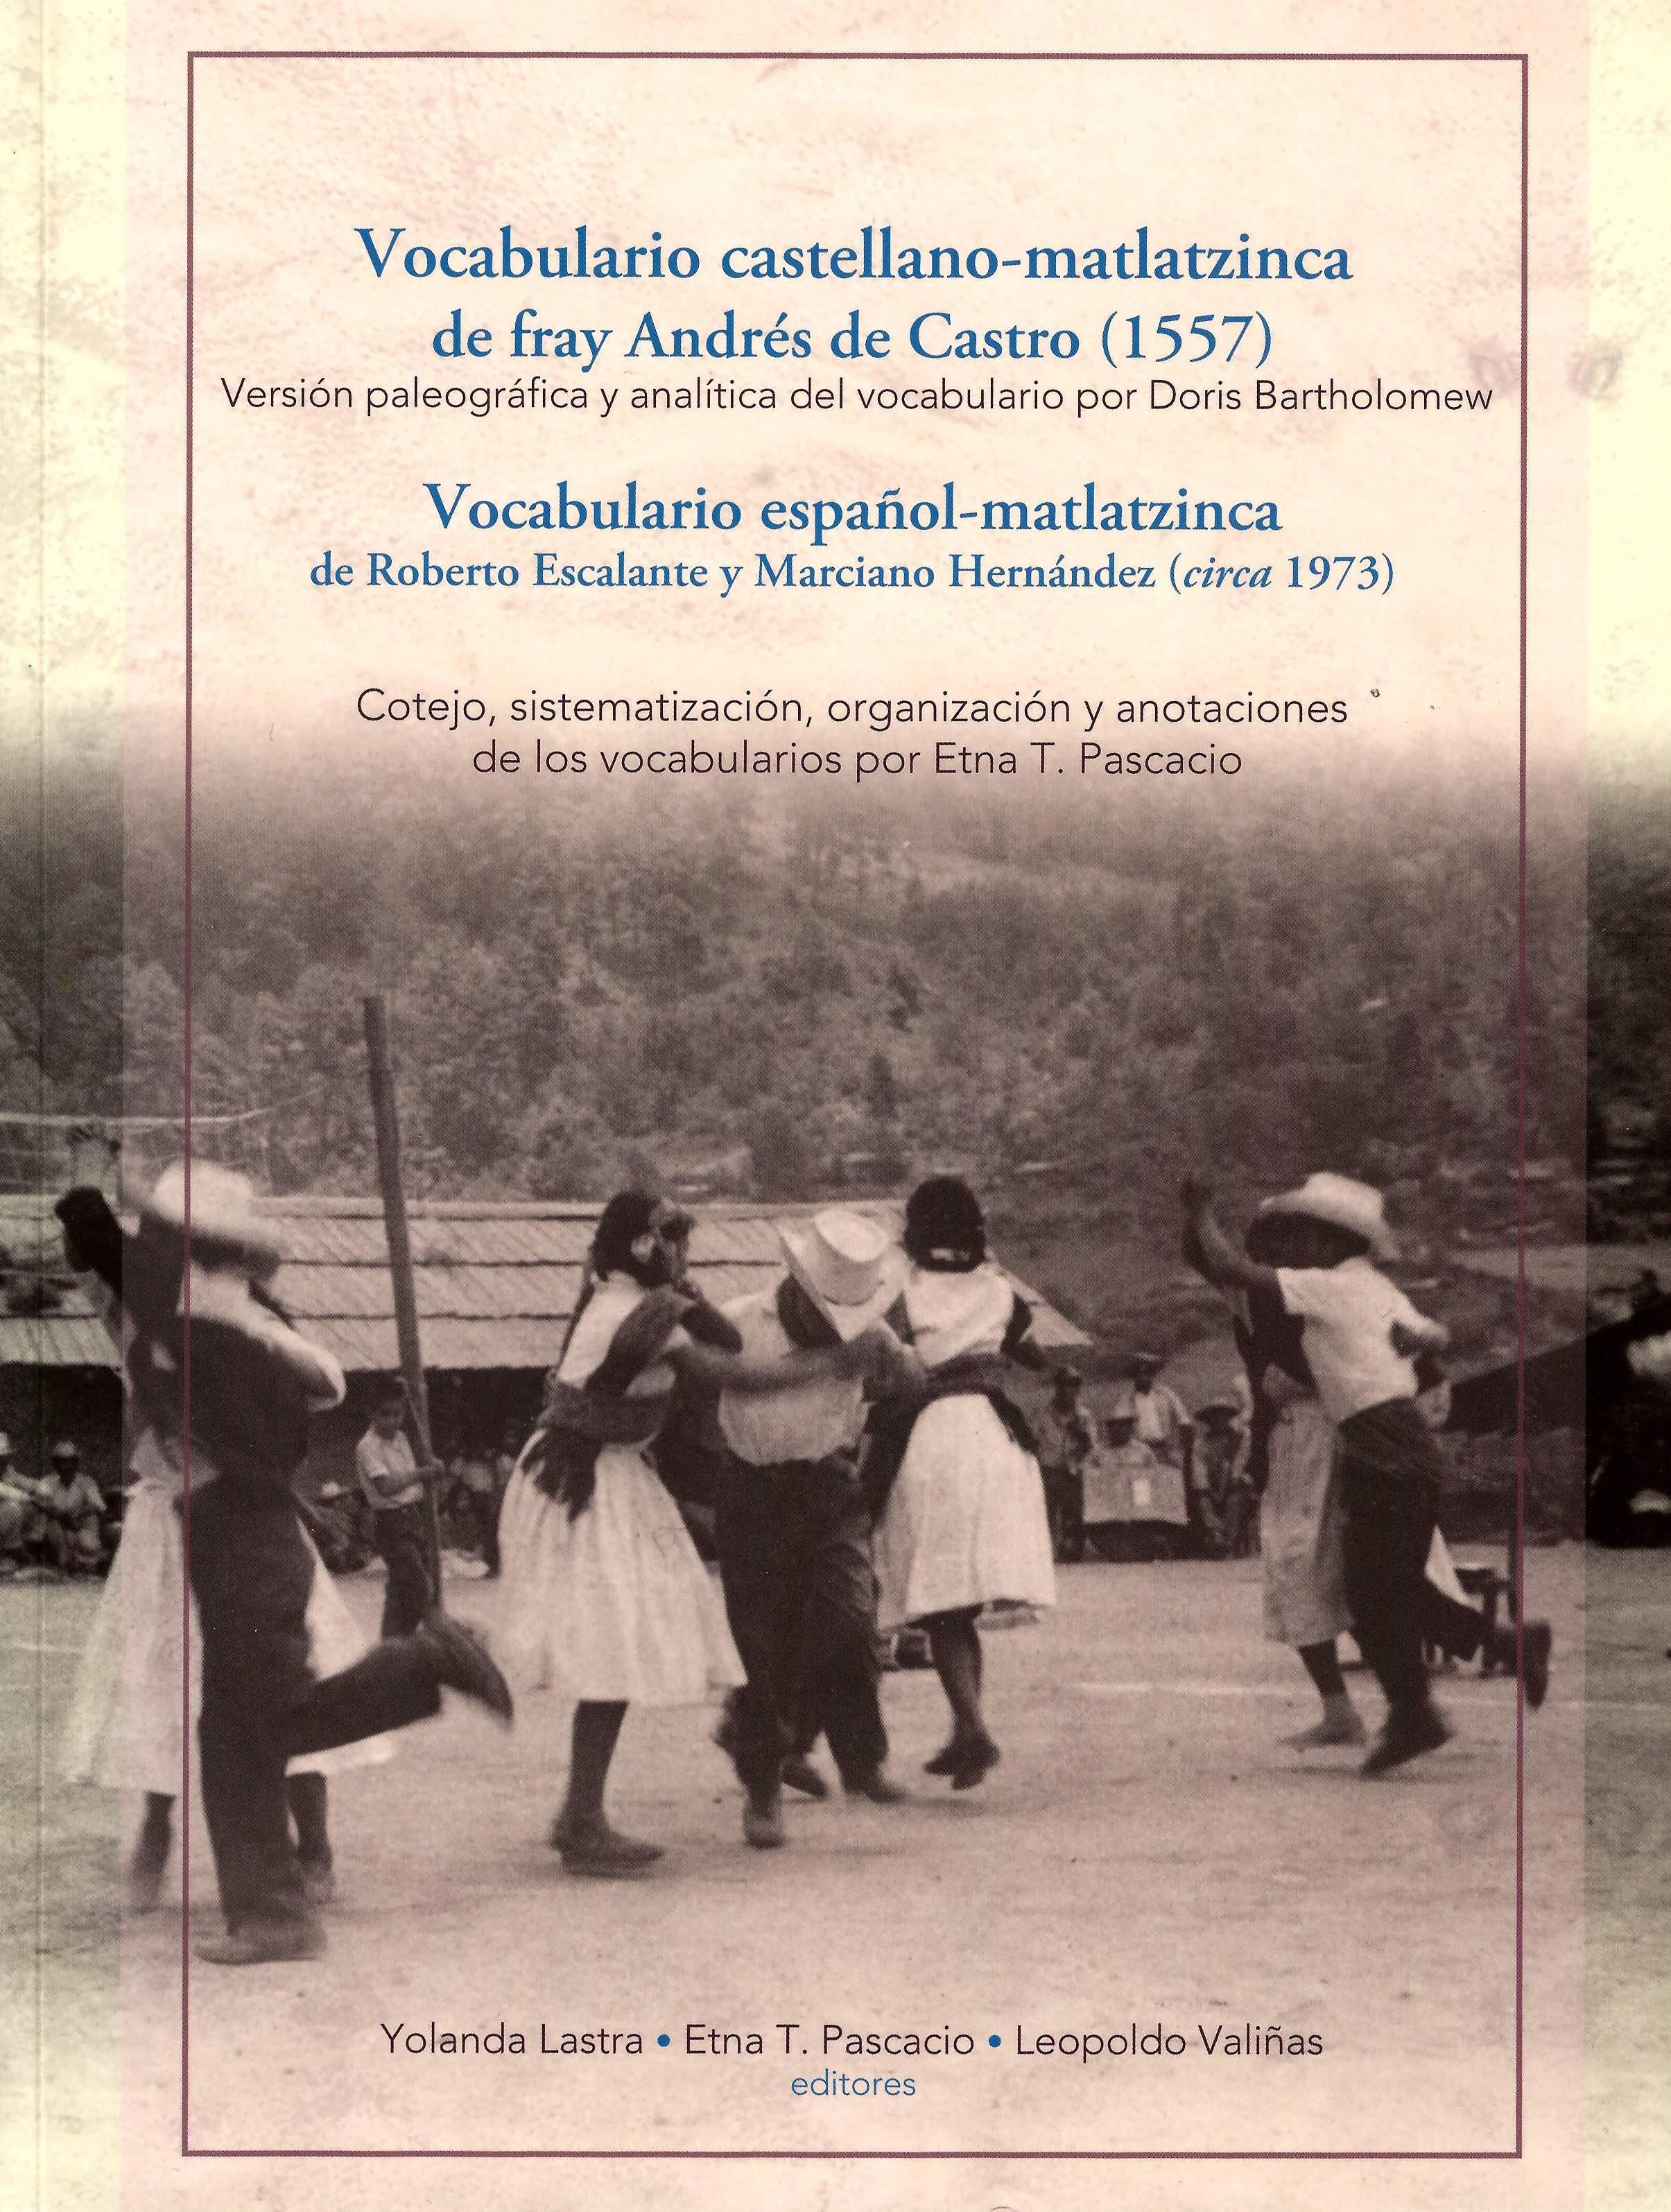 Vocabulario castellano-matlatzinca de fray Andrés de Castro (1557) y vocabulario español-matlatzinca de Roberto Escalante y Marciano Hernández (Circa 1973)